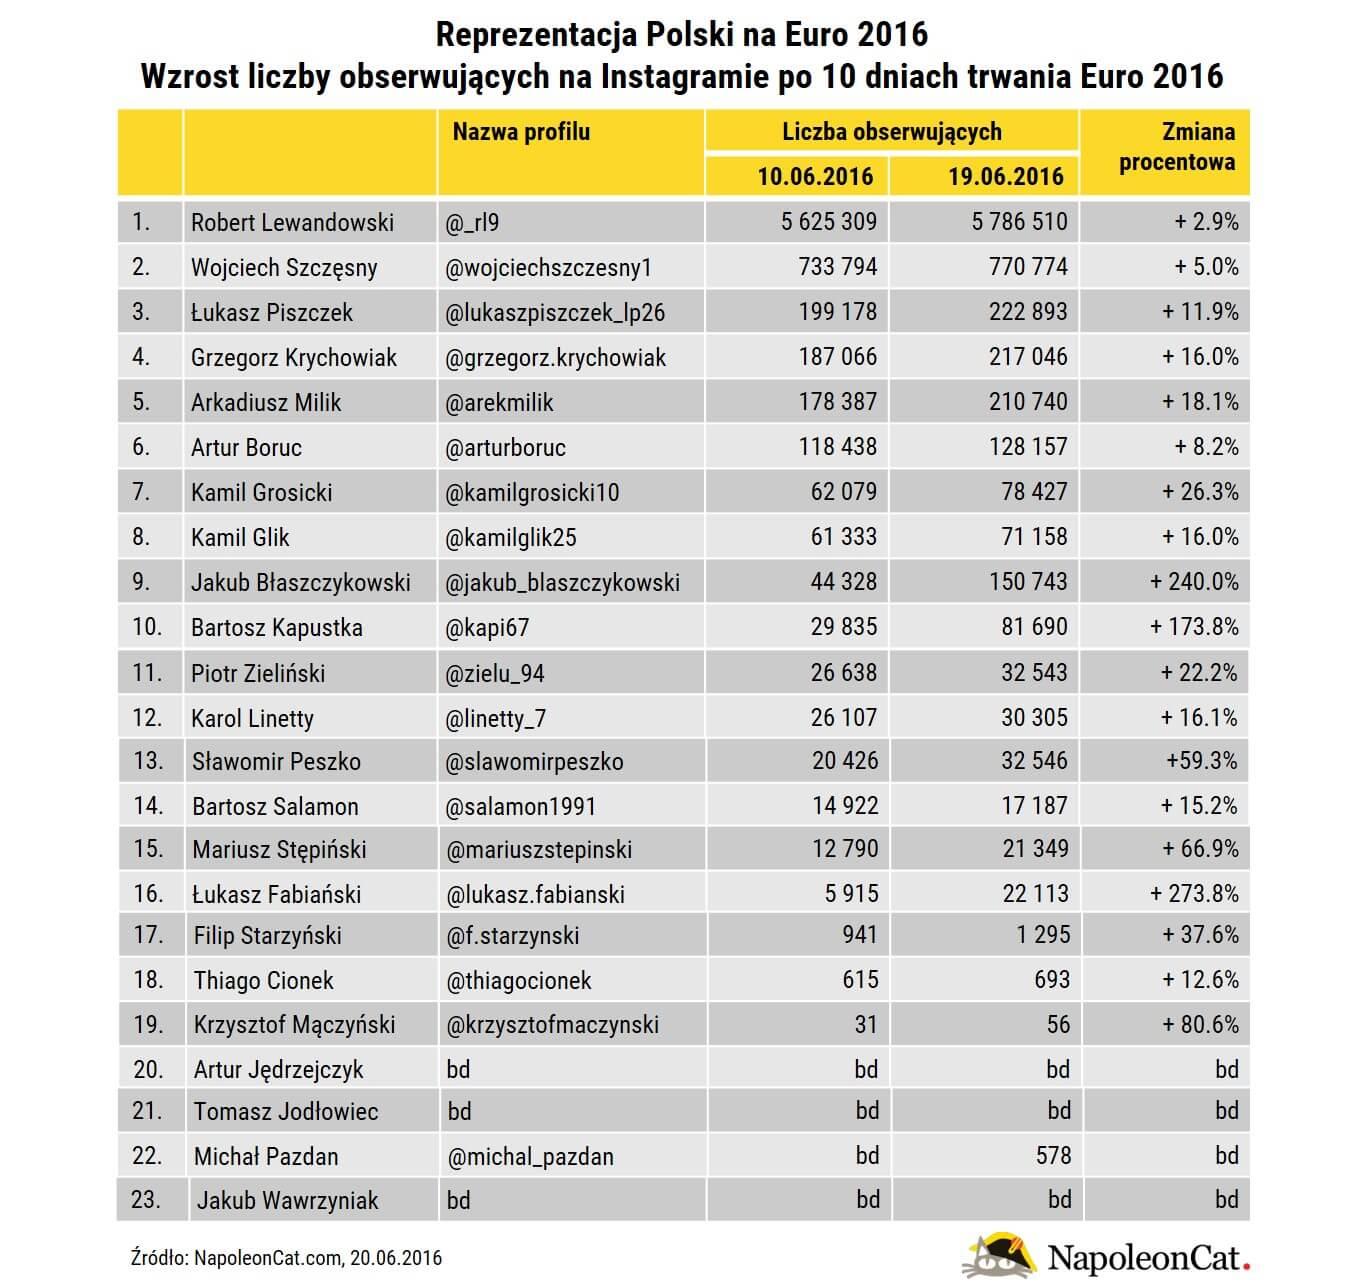 reprezentacja polski na Euro2016_wzrost liczby obserwujacych na Instagramie_tabela_NapoleonCat